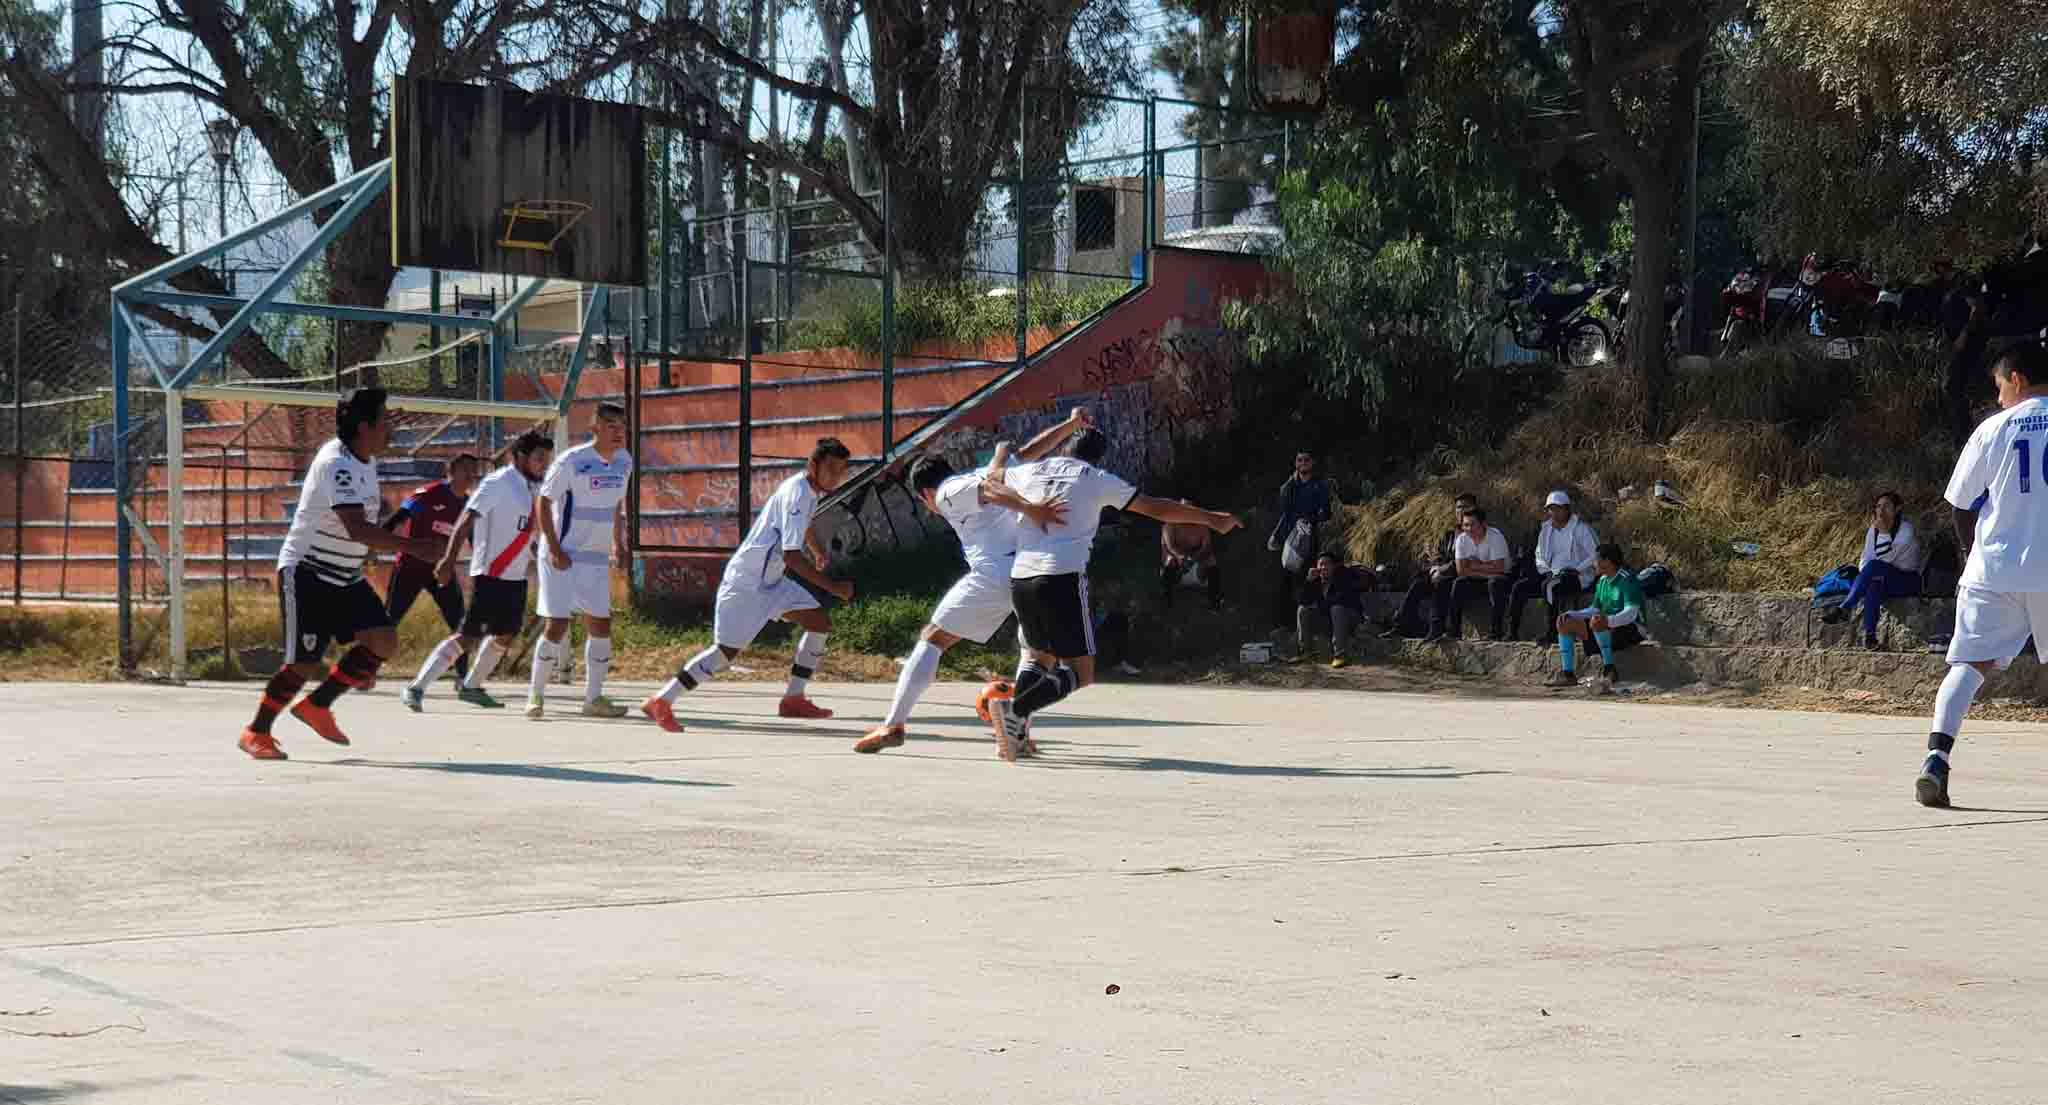 Vuelven los domingos futboleros a riberas del Atoyac   El Imparcial de Oaxaca